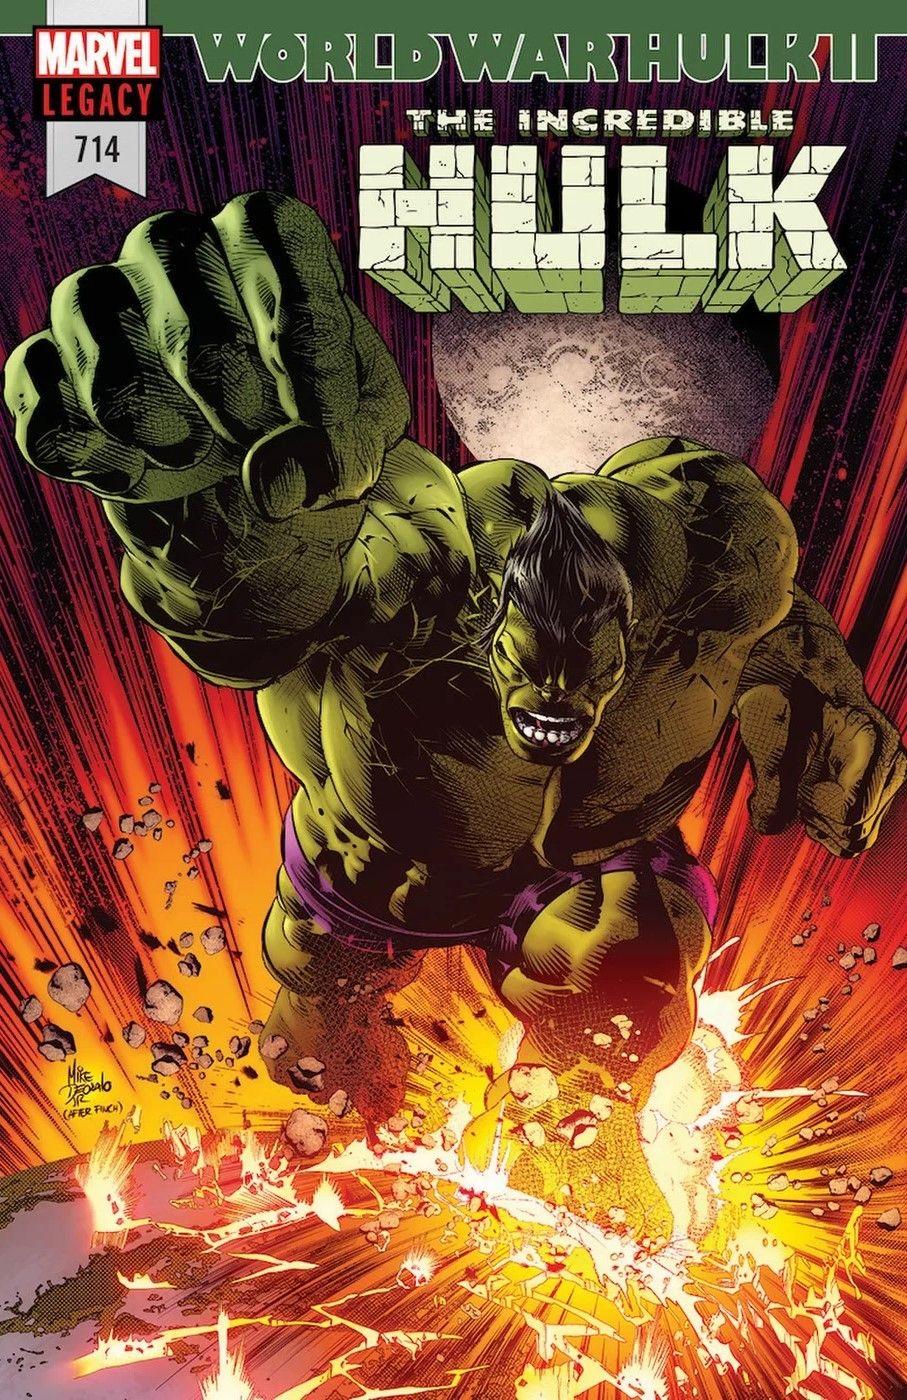 The Incredible Hulk #714 - World War Hulk 2 Part One